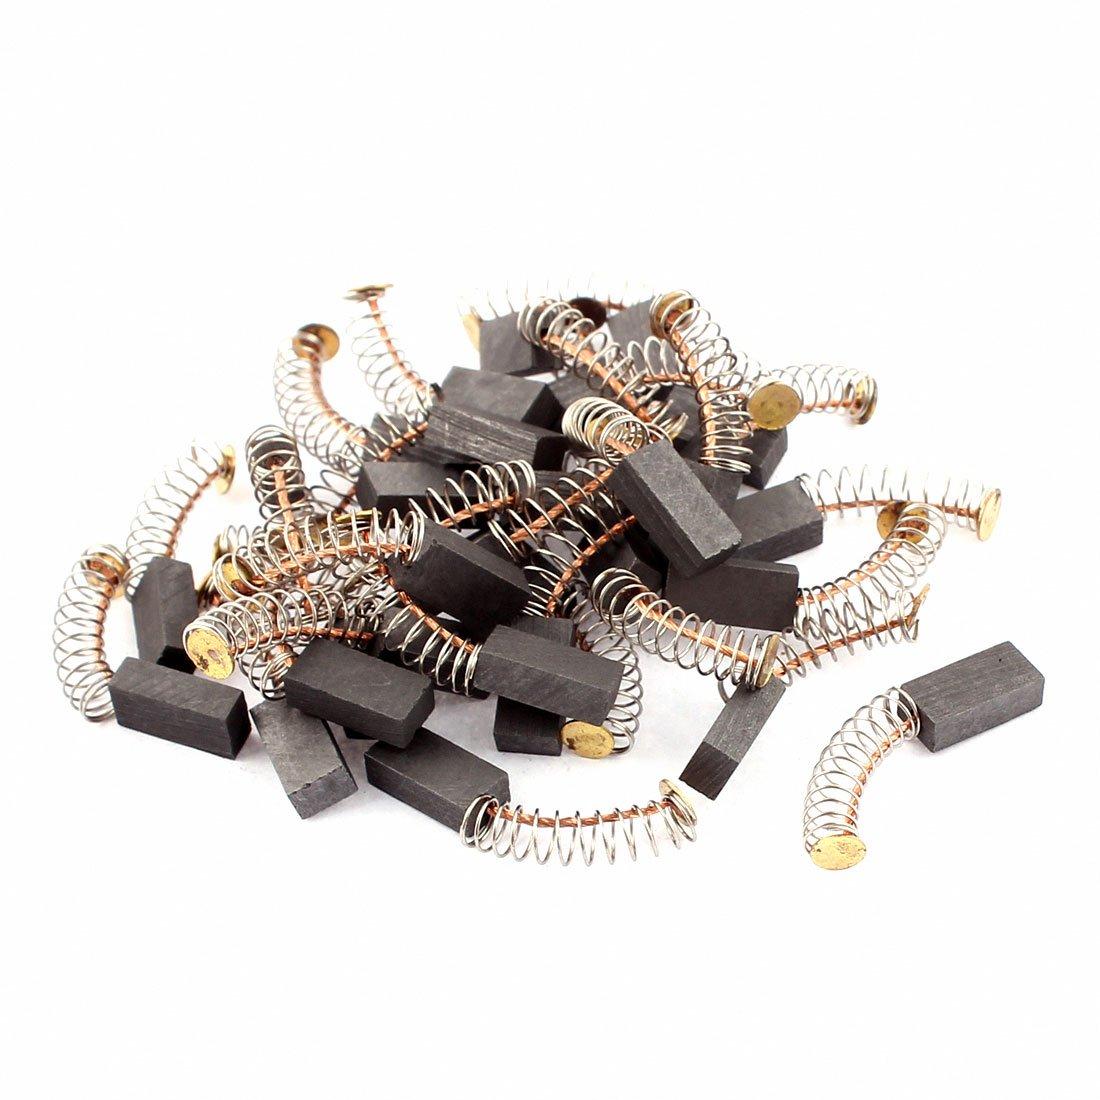 sourcingmap® 12mm x 6mm x 4mm Escobillas de carbón del motor 30 pcs para Motor Eléctrico genérico